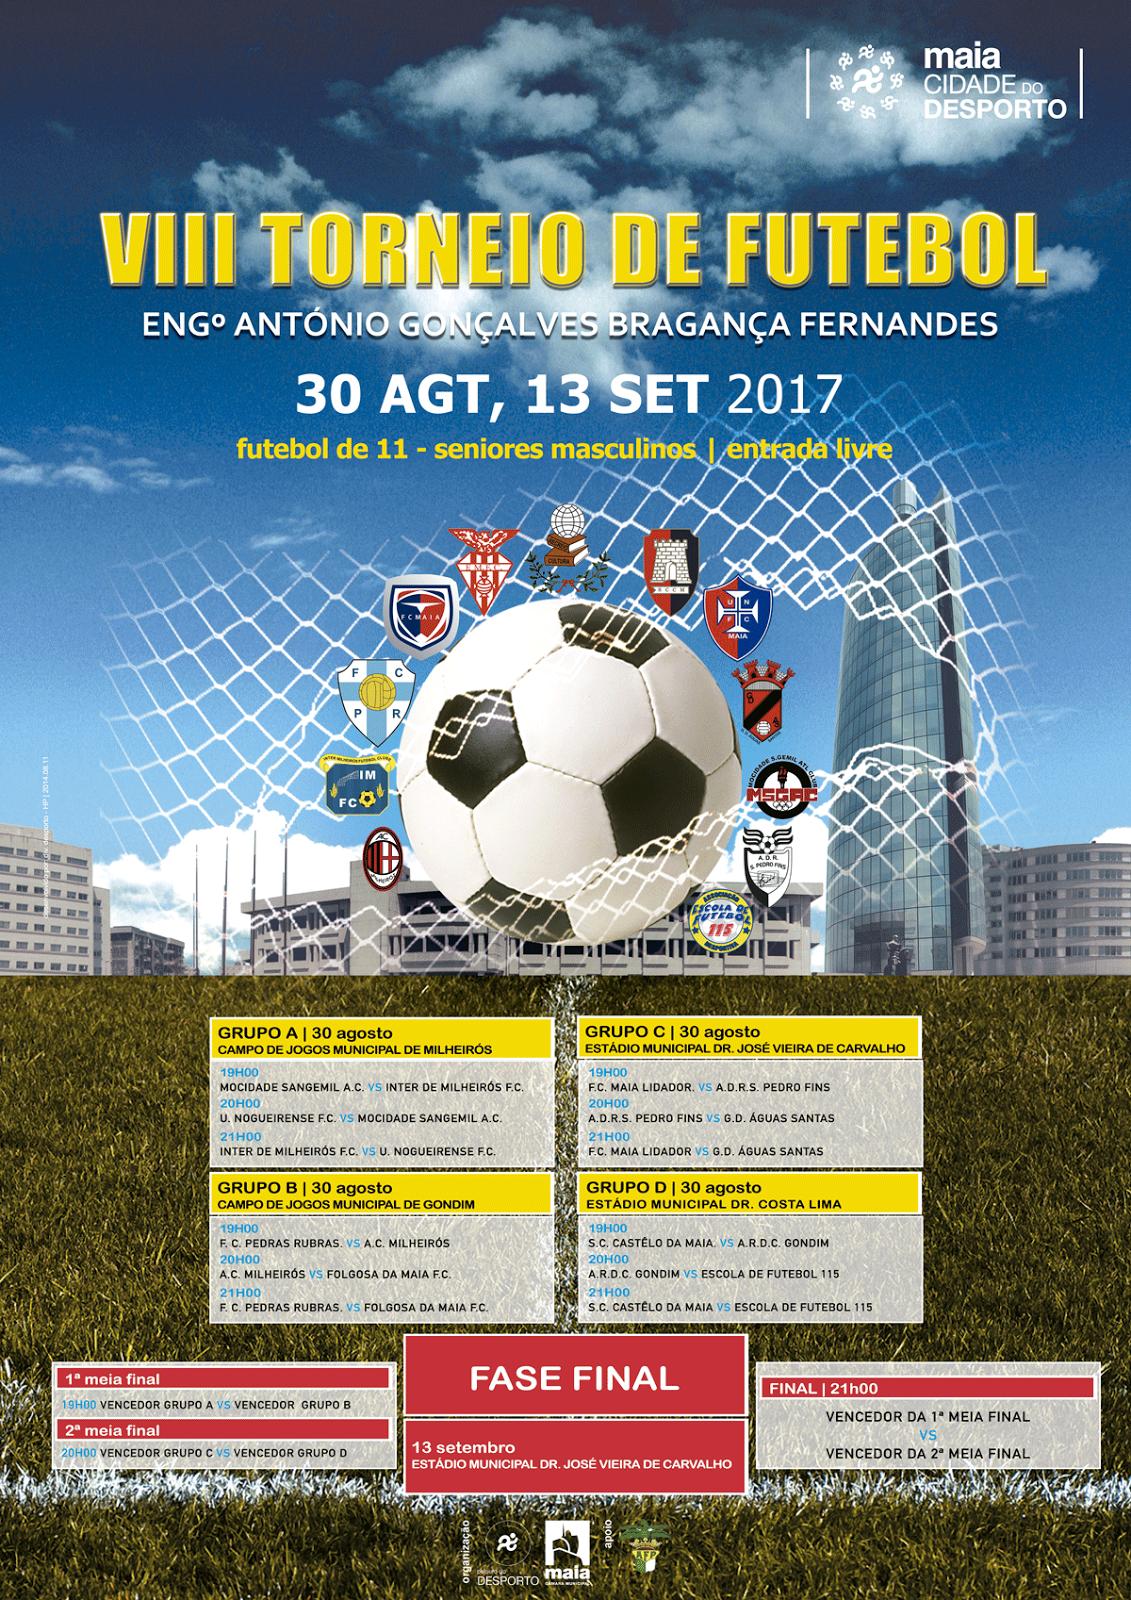 Últimas informações sobre o torneio de futebol sénior da Maia